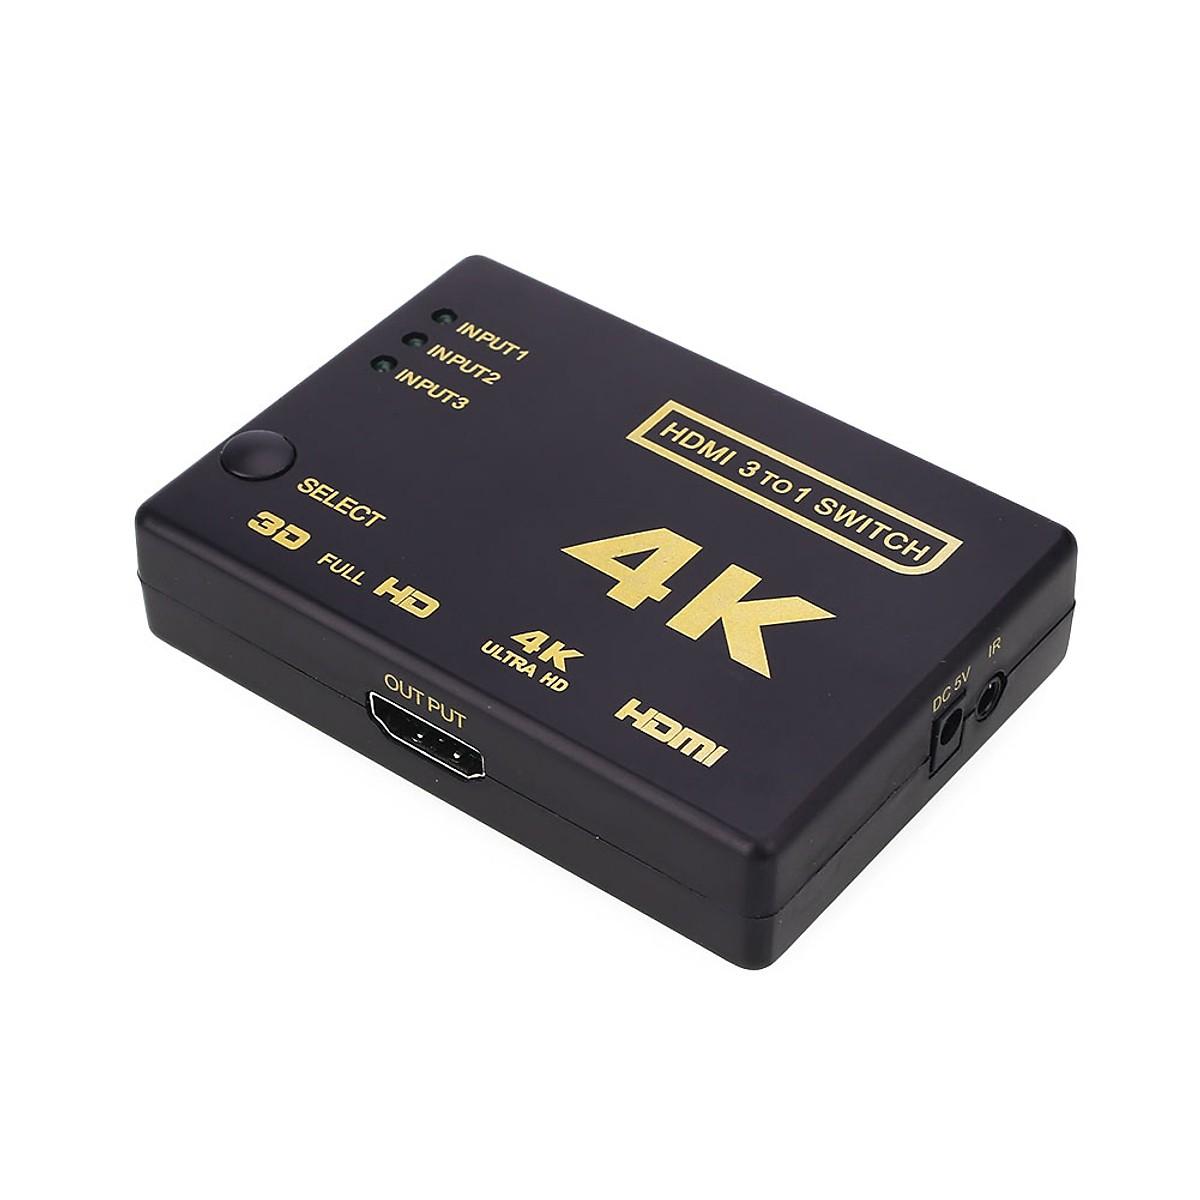 VINETTEAM Bộ Chuyển Đổi HDMI 4K 3 Đầu HDMI Vào Và 1 Đầu HDMI Ra Với Điều Khiển Từ Xa-Hàng Nhập Khẩu